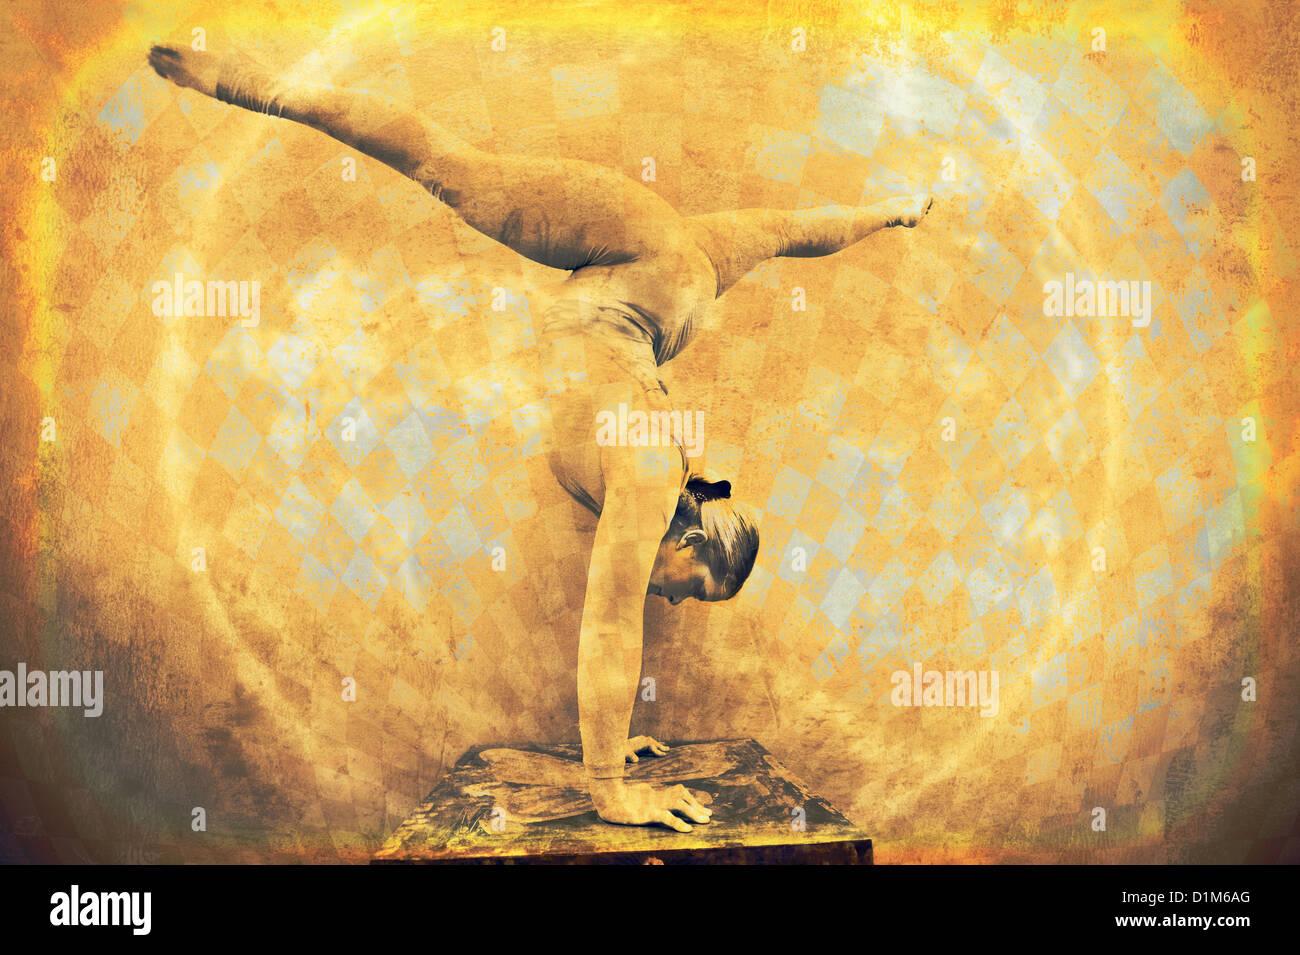 Femmina acrobat in un handstand circolare. Foto misto basato su medie dell'immagine. Immagini Stock